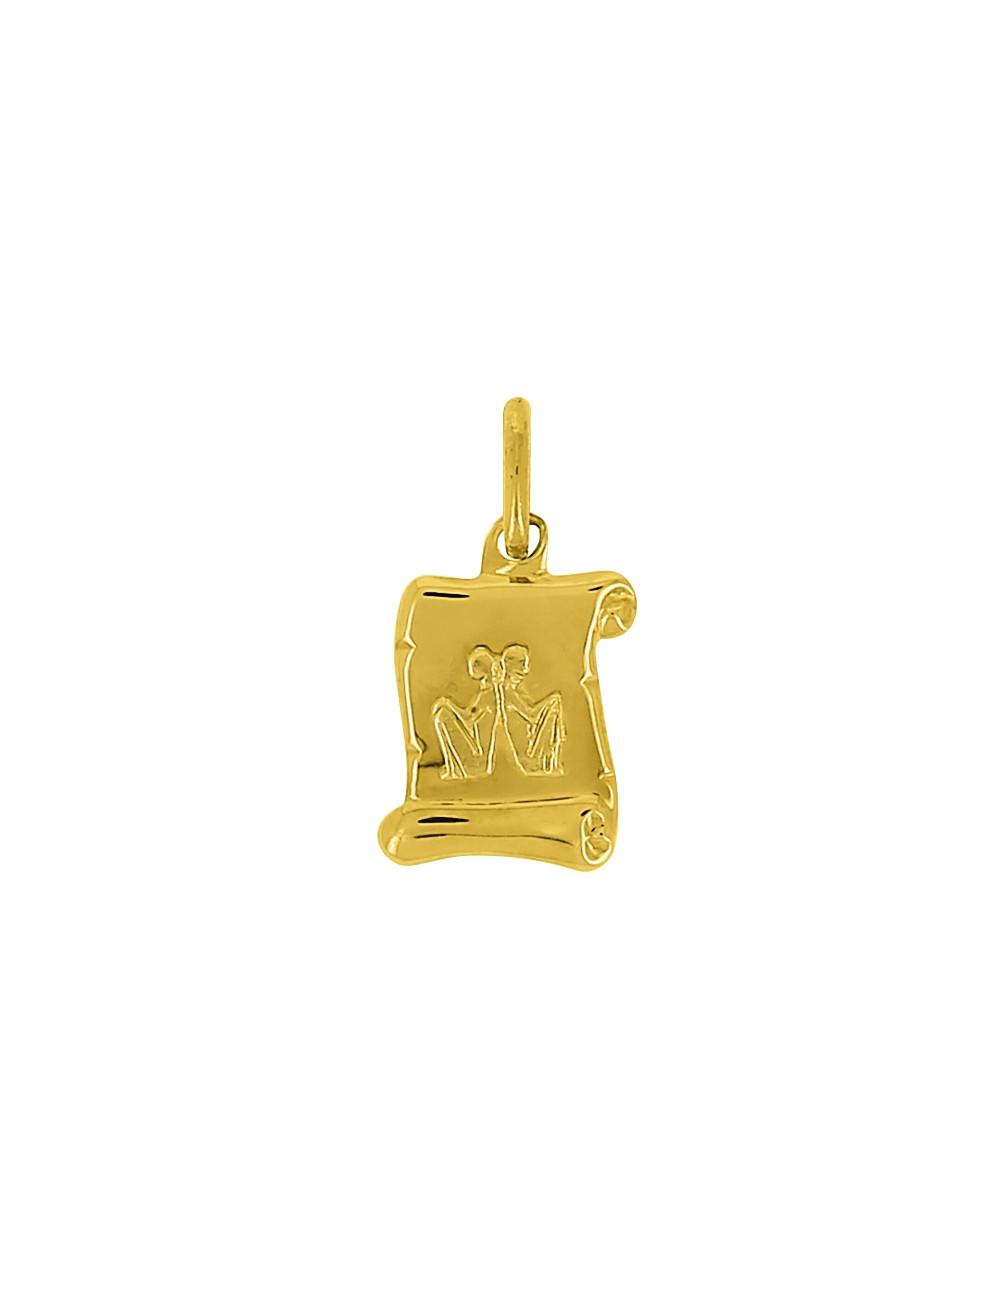 Pendentif Signe Du Zodiaque Gémeaux Or Jaune 18 Carats + Chaine Or Jaune 9 Carats Offerte